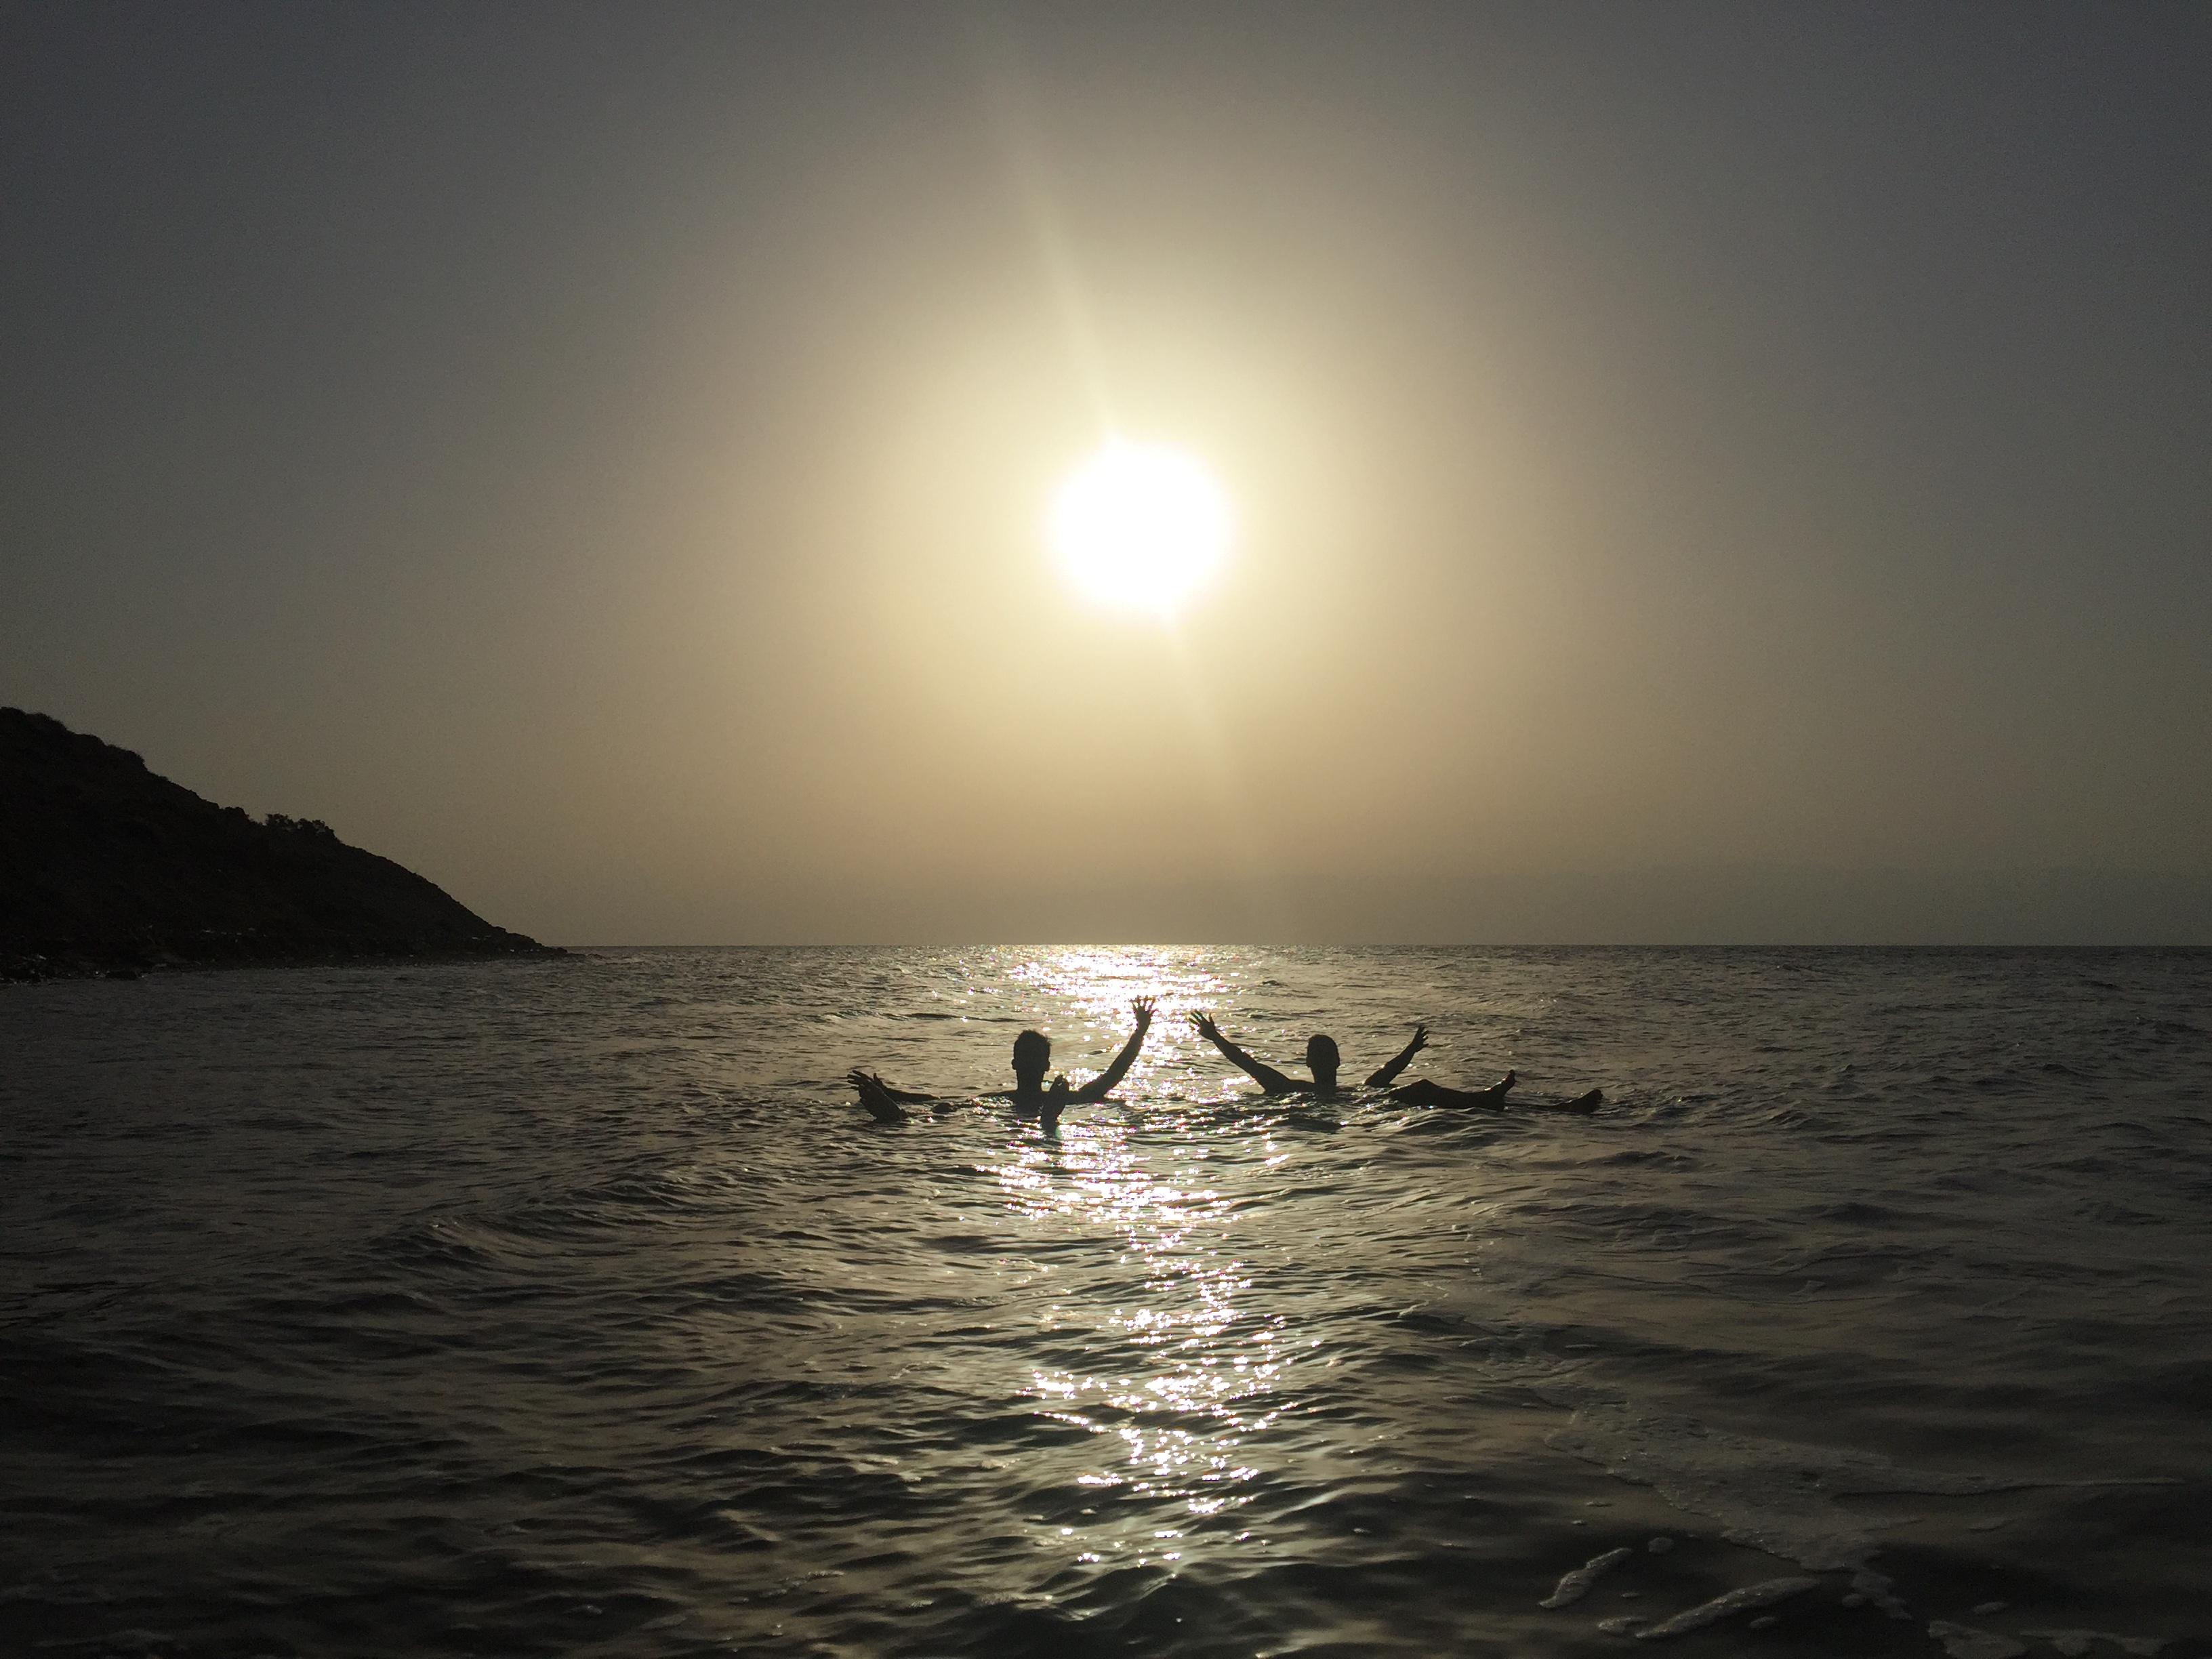 Bañarse en el Mar Muerto Gratis (Jordania)